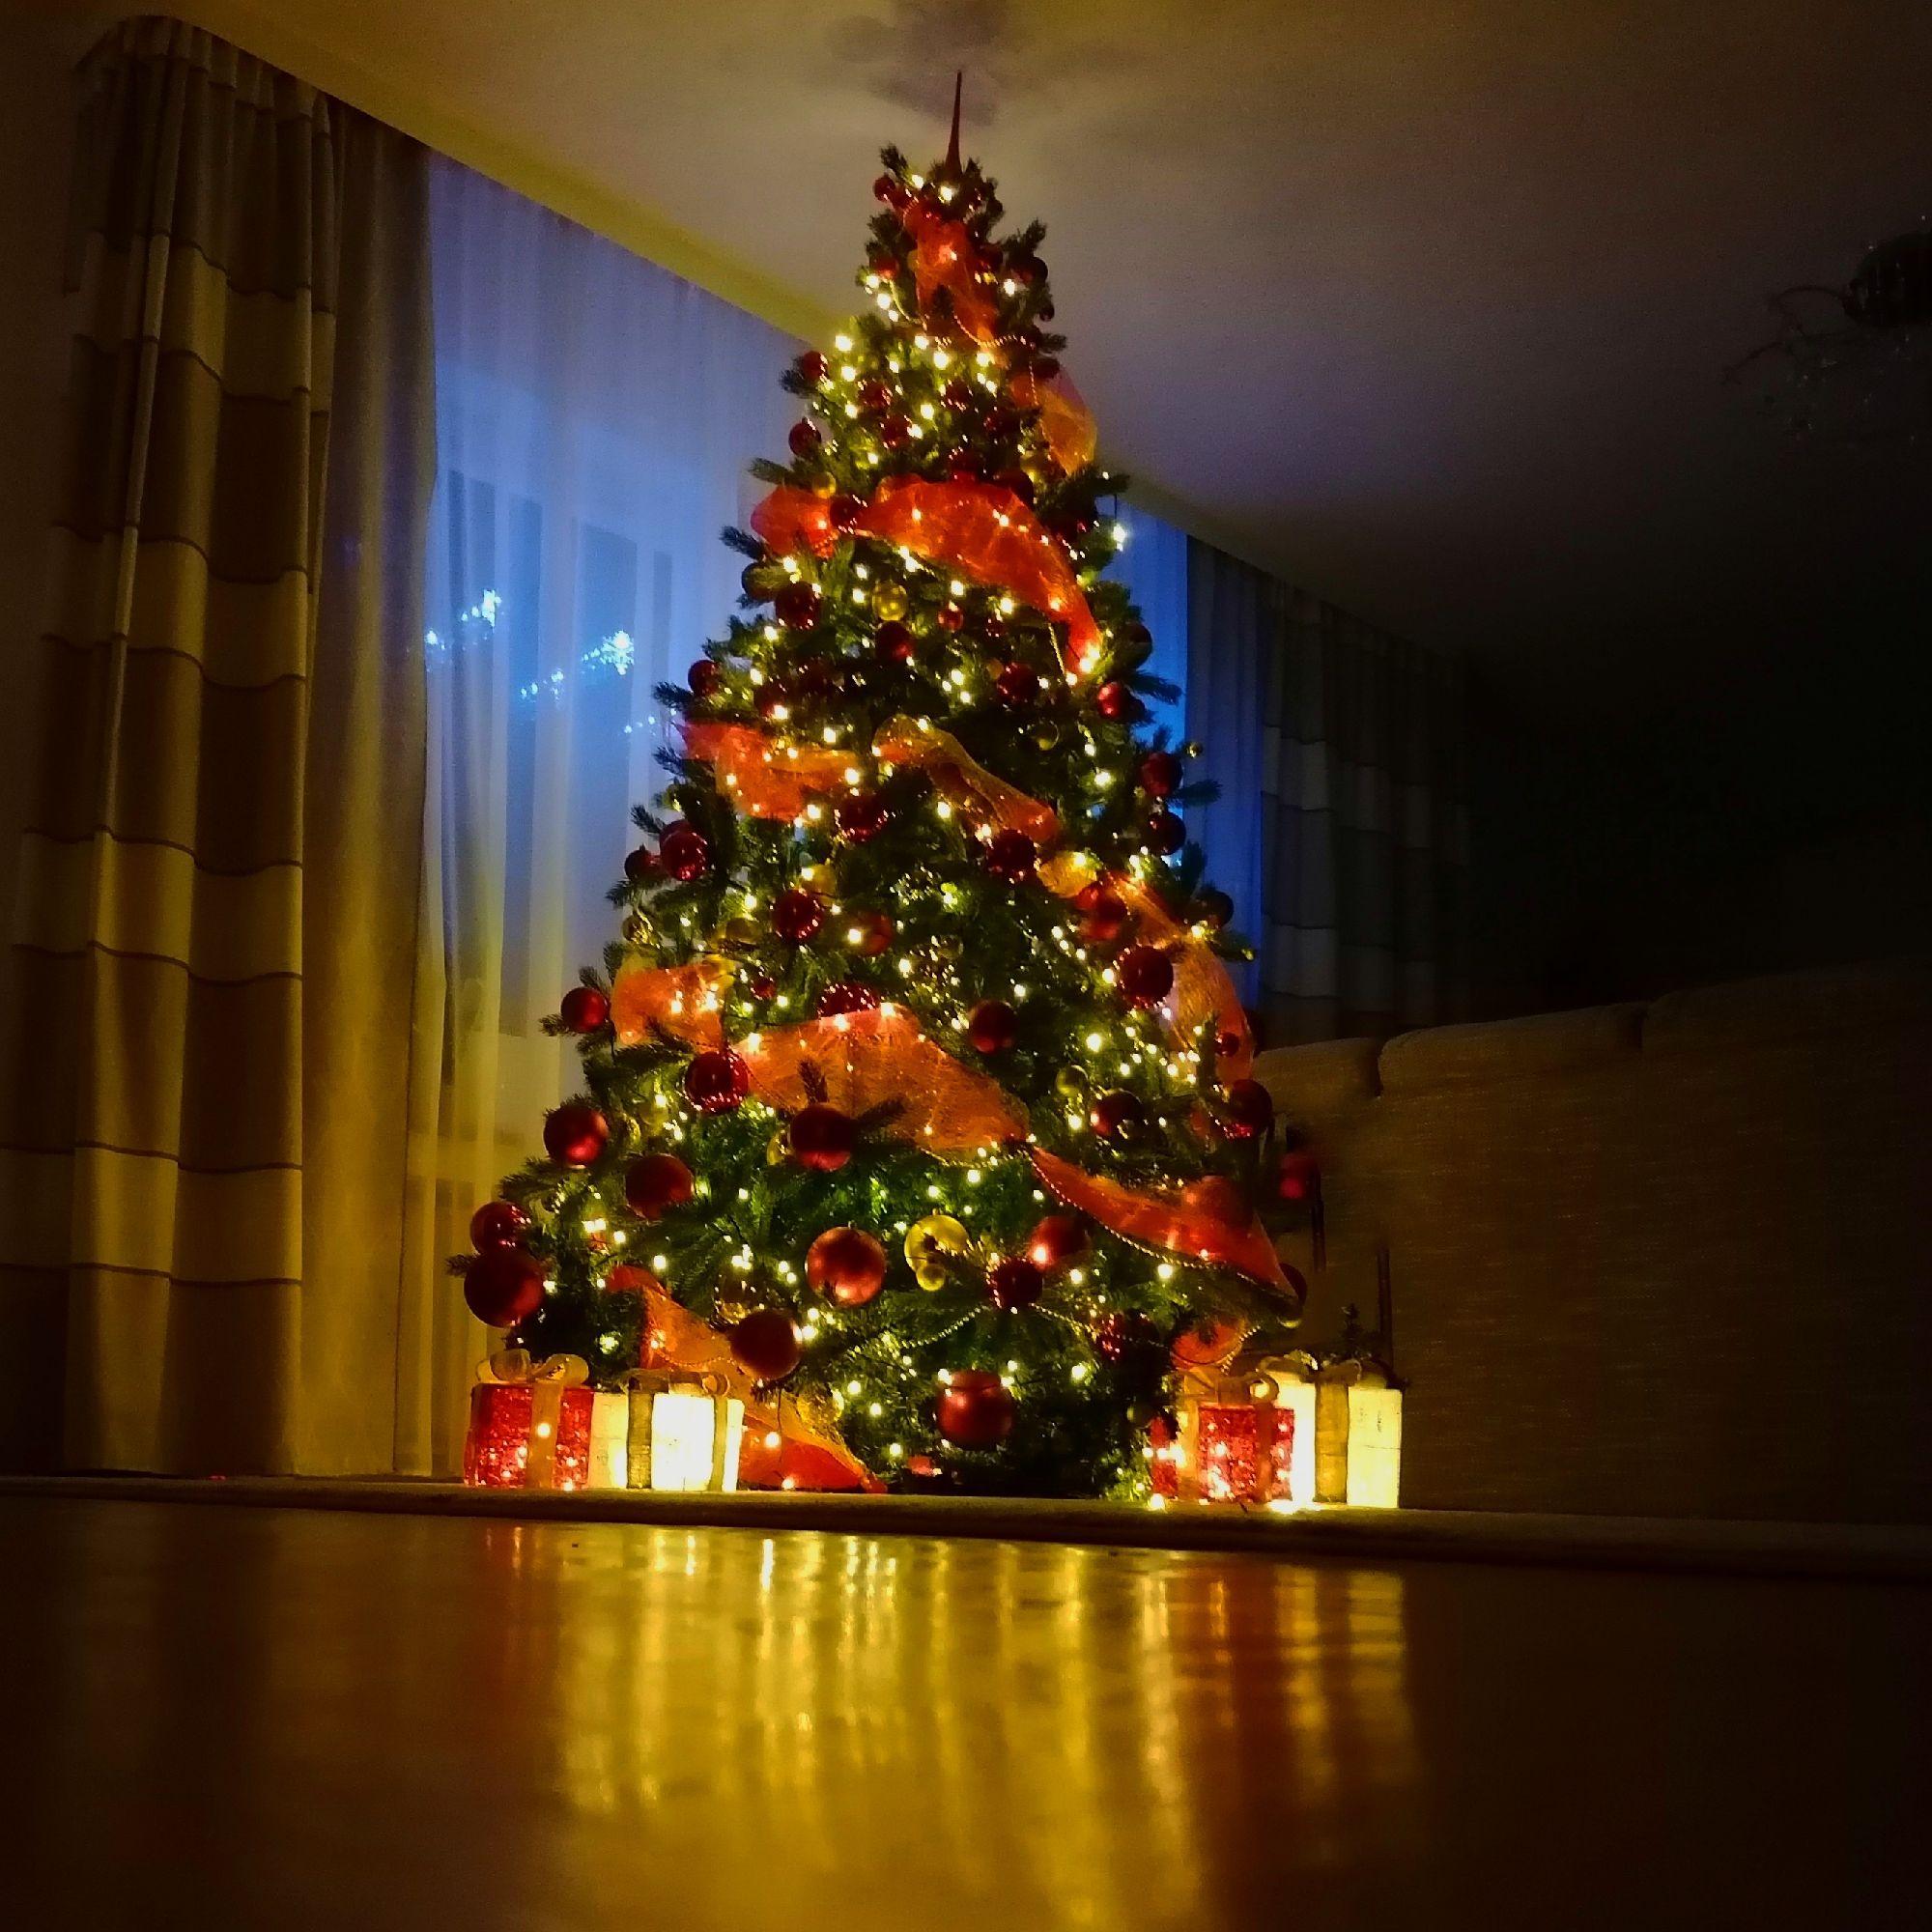 Будьте здоровы и счастливы... Желаю всех благ всем вашим близким.Счастливого Рождества